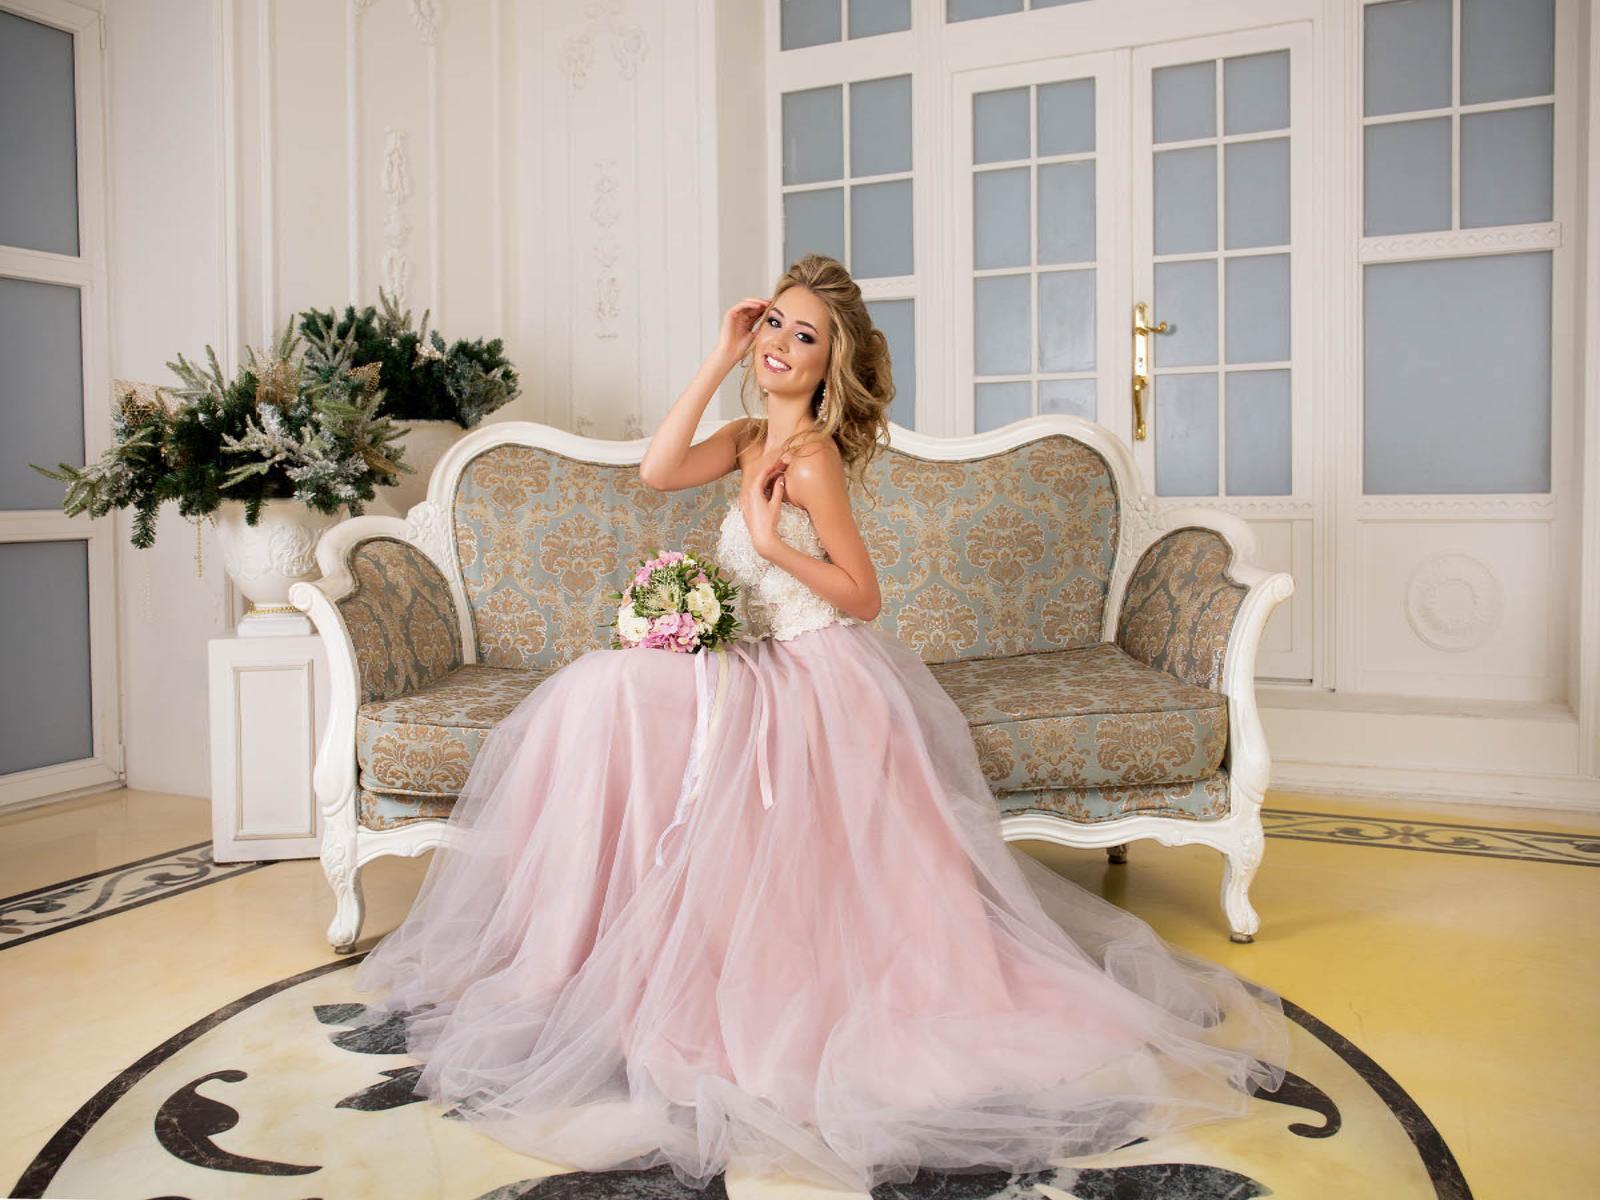 e5e9c200801 Стоит ли покупать свадебное платье или взять в прокат